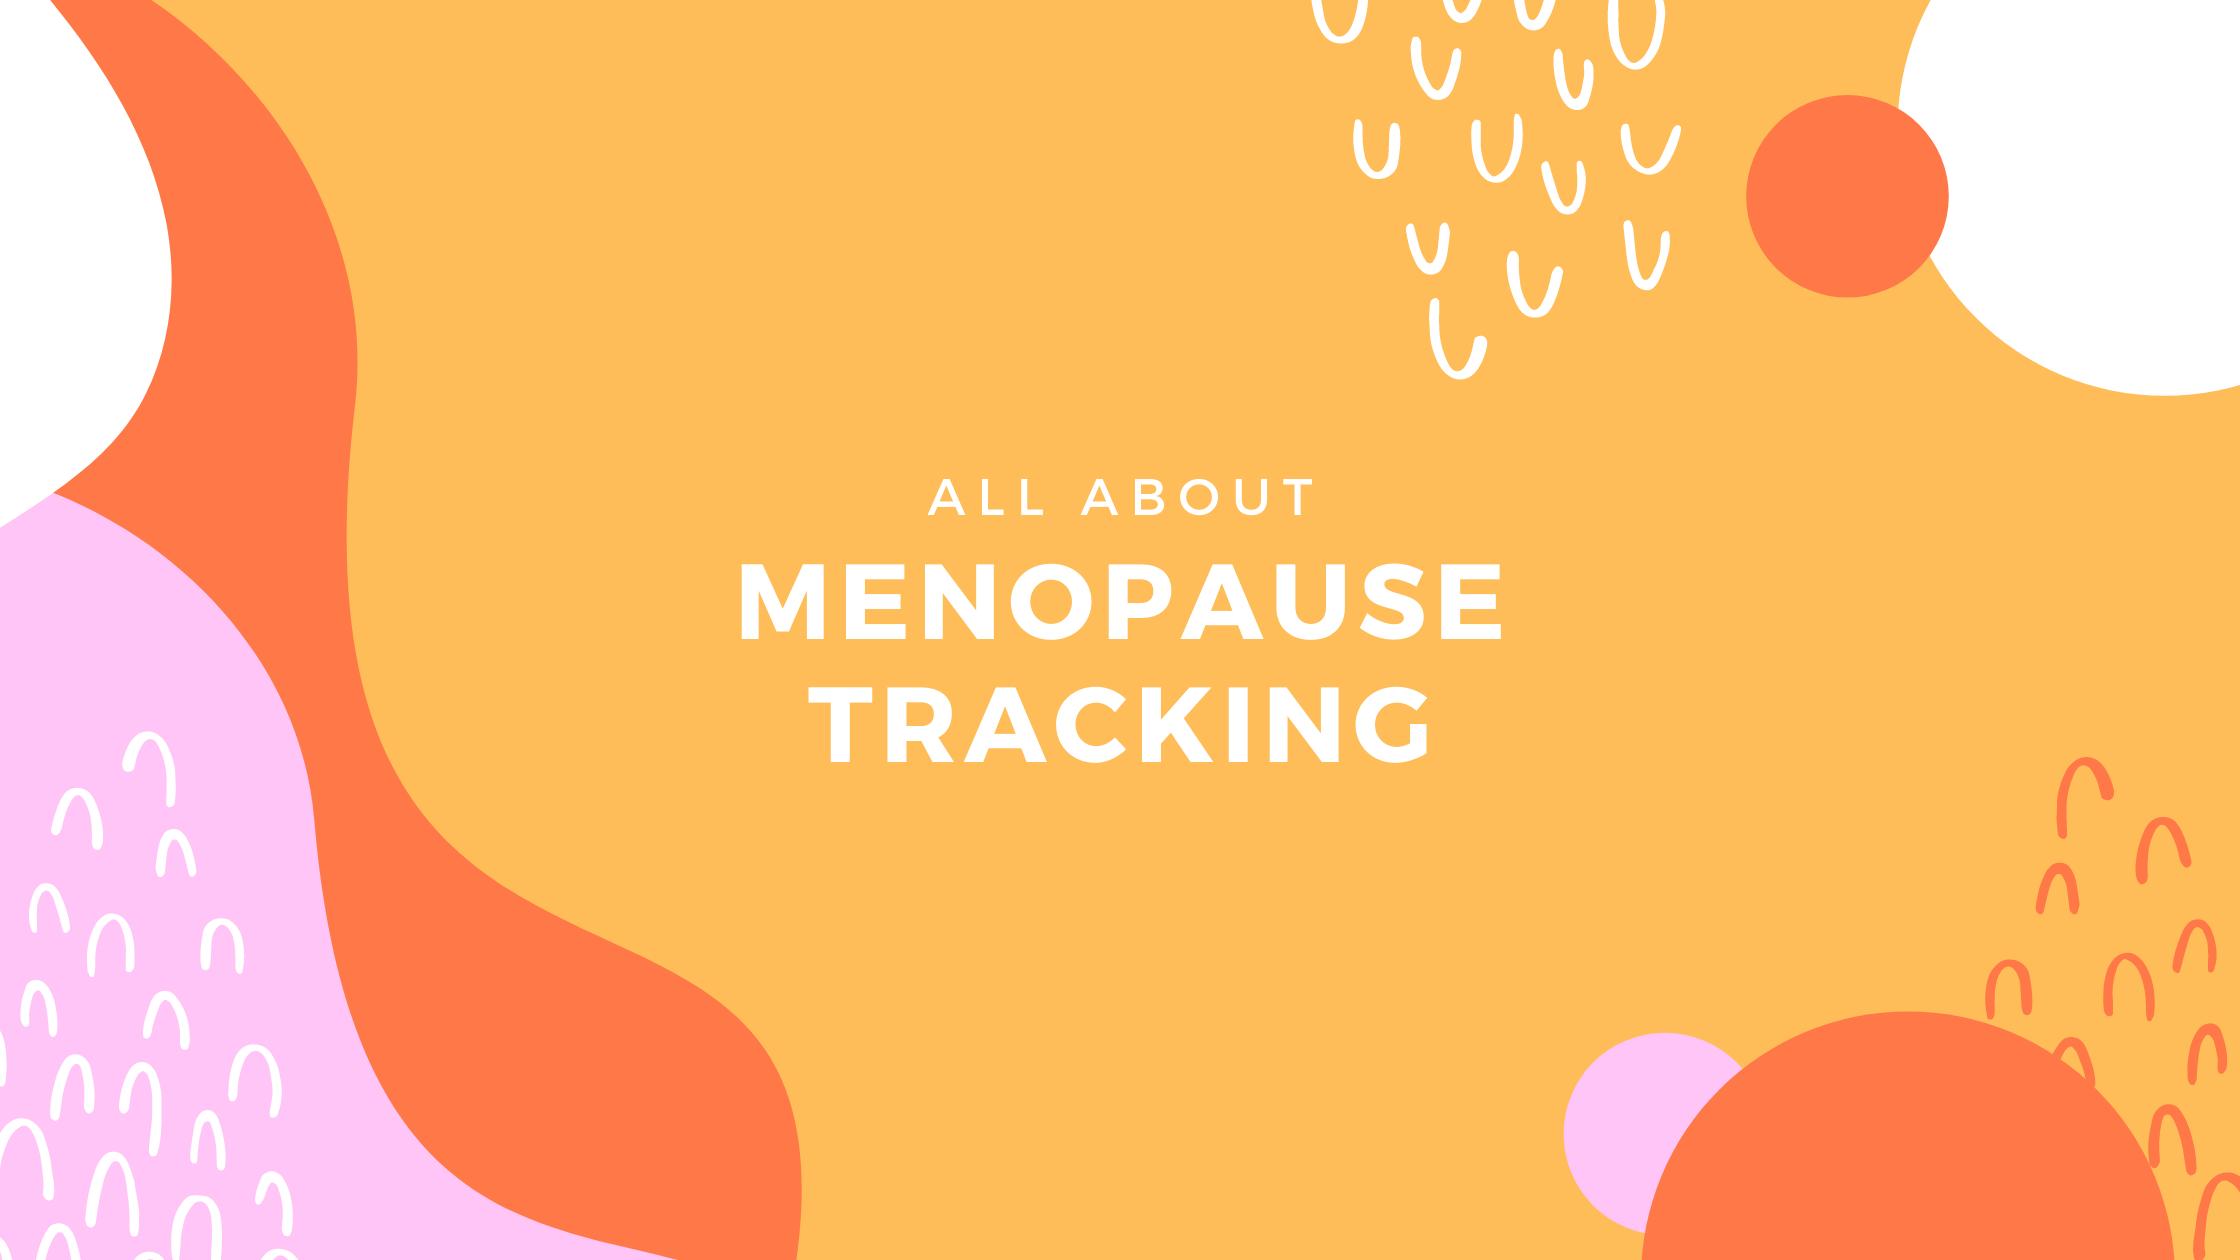 menopause tracker